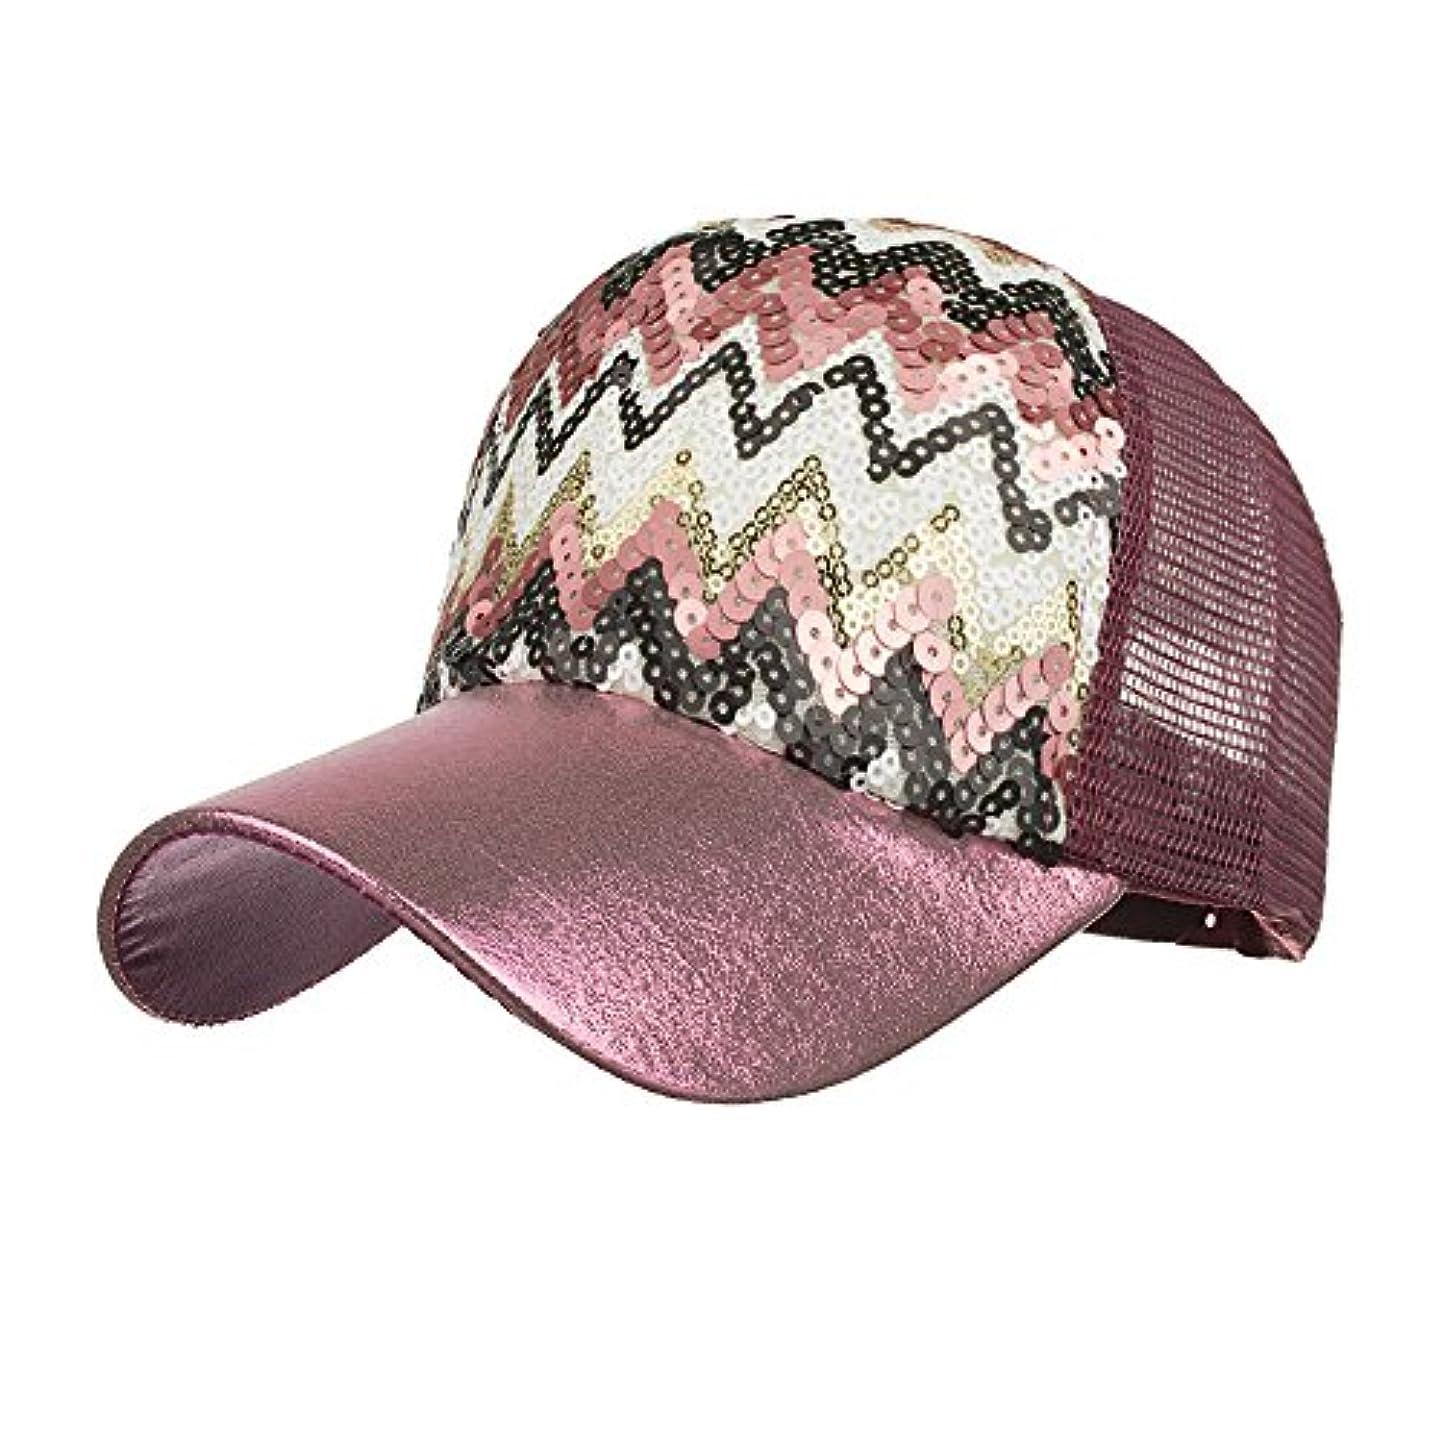 大胆キャベツシリアルRacazing Cap 輝く棒球帽 カラーマッチング 野球帽 ヒップホップ 通気性のある ラインストーン 帽子 夏 登山 アメリカの旗 可調整可能 男女兼用 UV 帽子 軽量 屋外 メッシュ Unisex Cap (紫の)